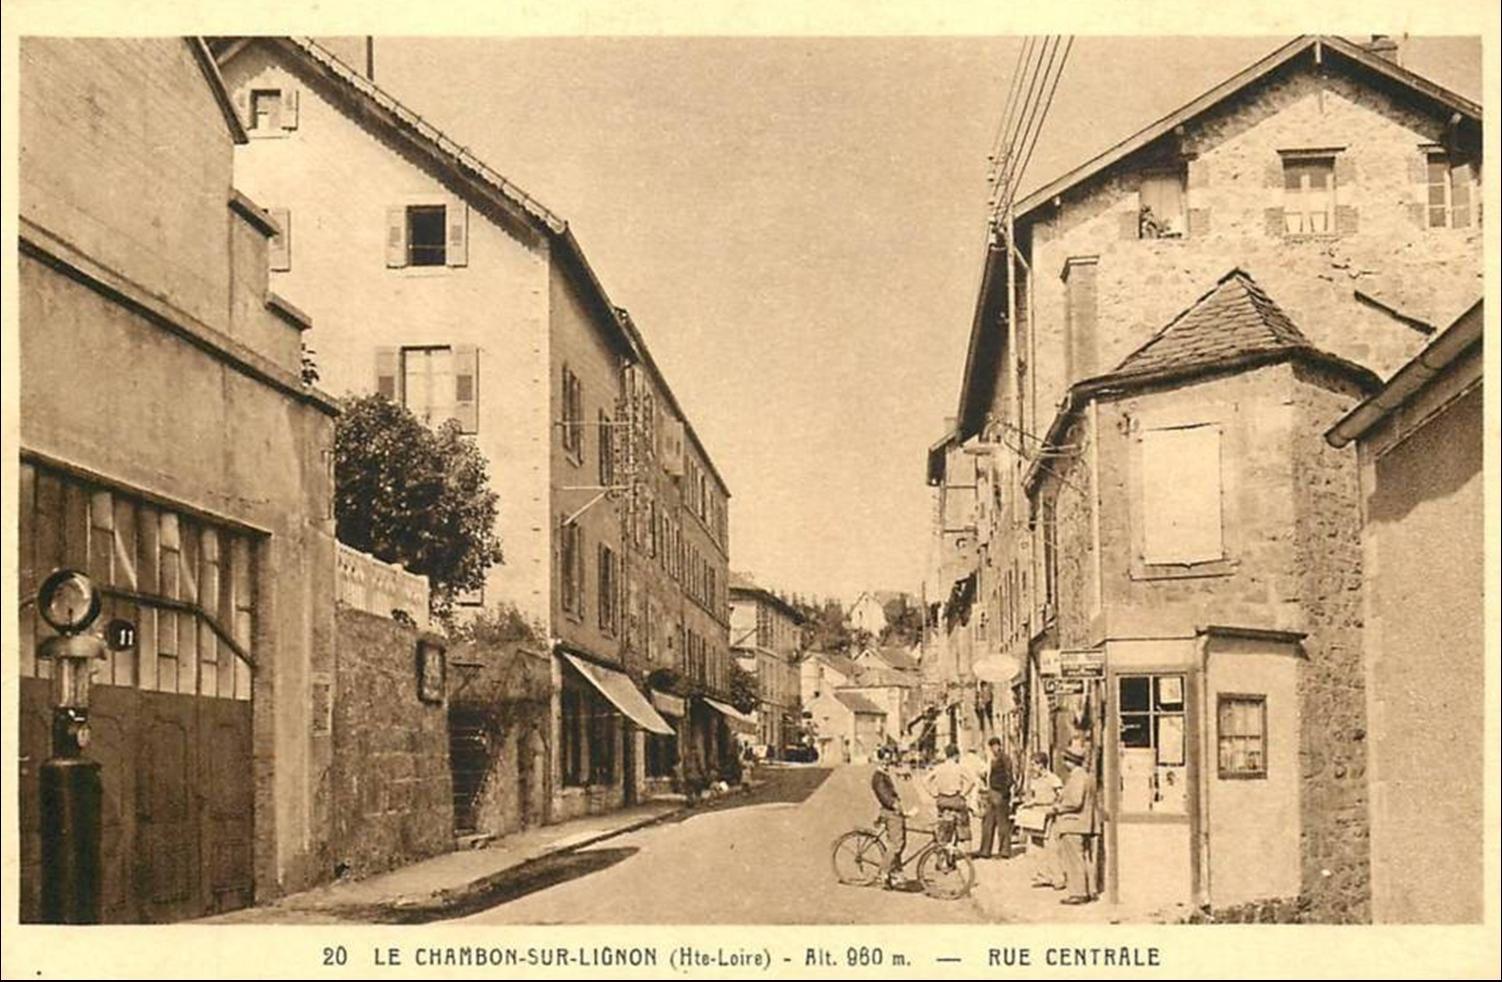 Au hasard dans les rues du Chambon sur Lignon